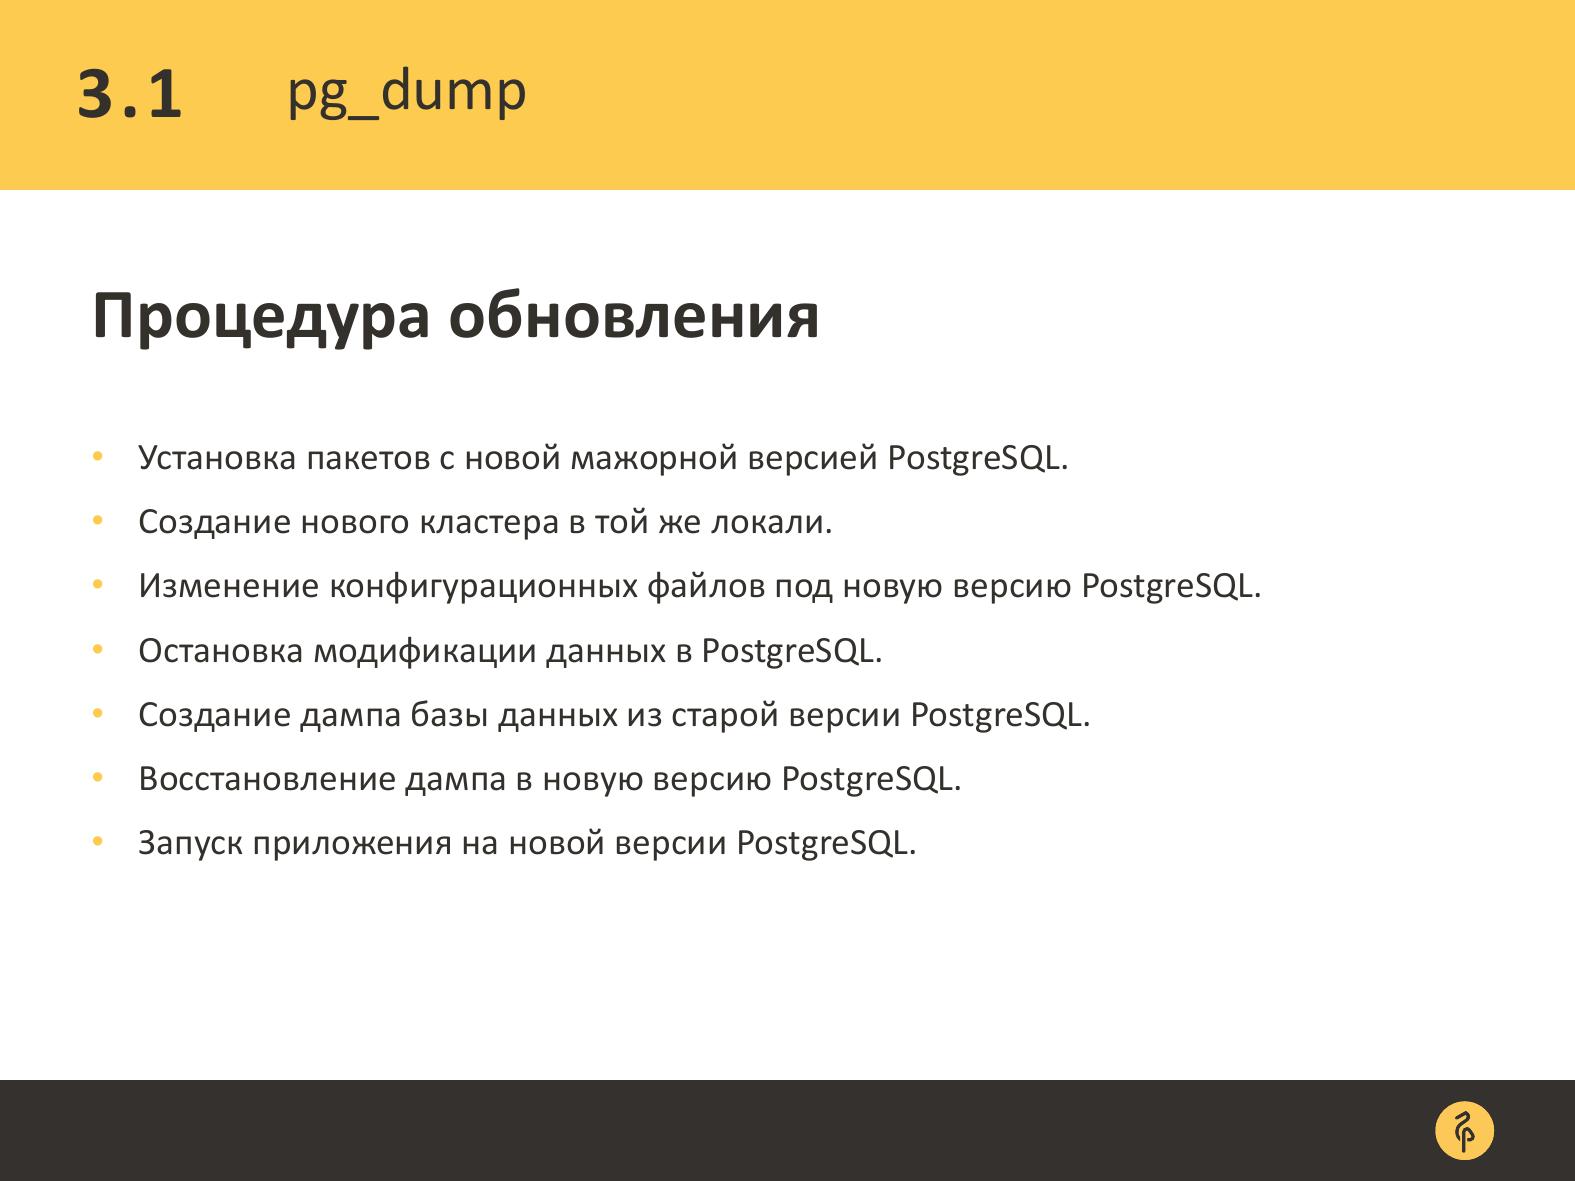 Практика обновления версий PostgreSQL. Андрей Сальников — IT-МИР. ПОМОЩЬ В IT-МИРЕ 2021